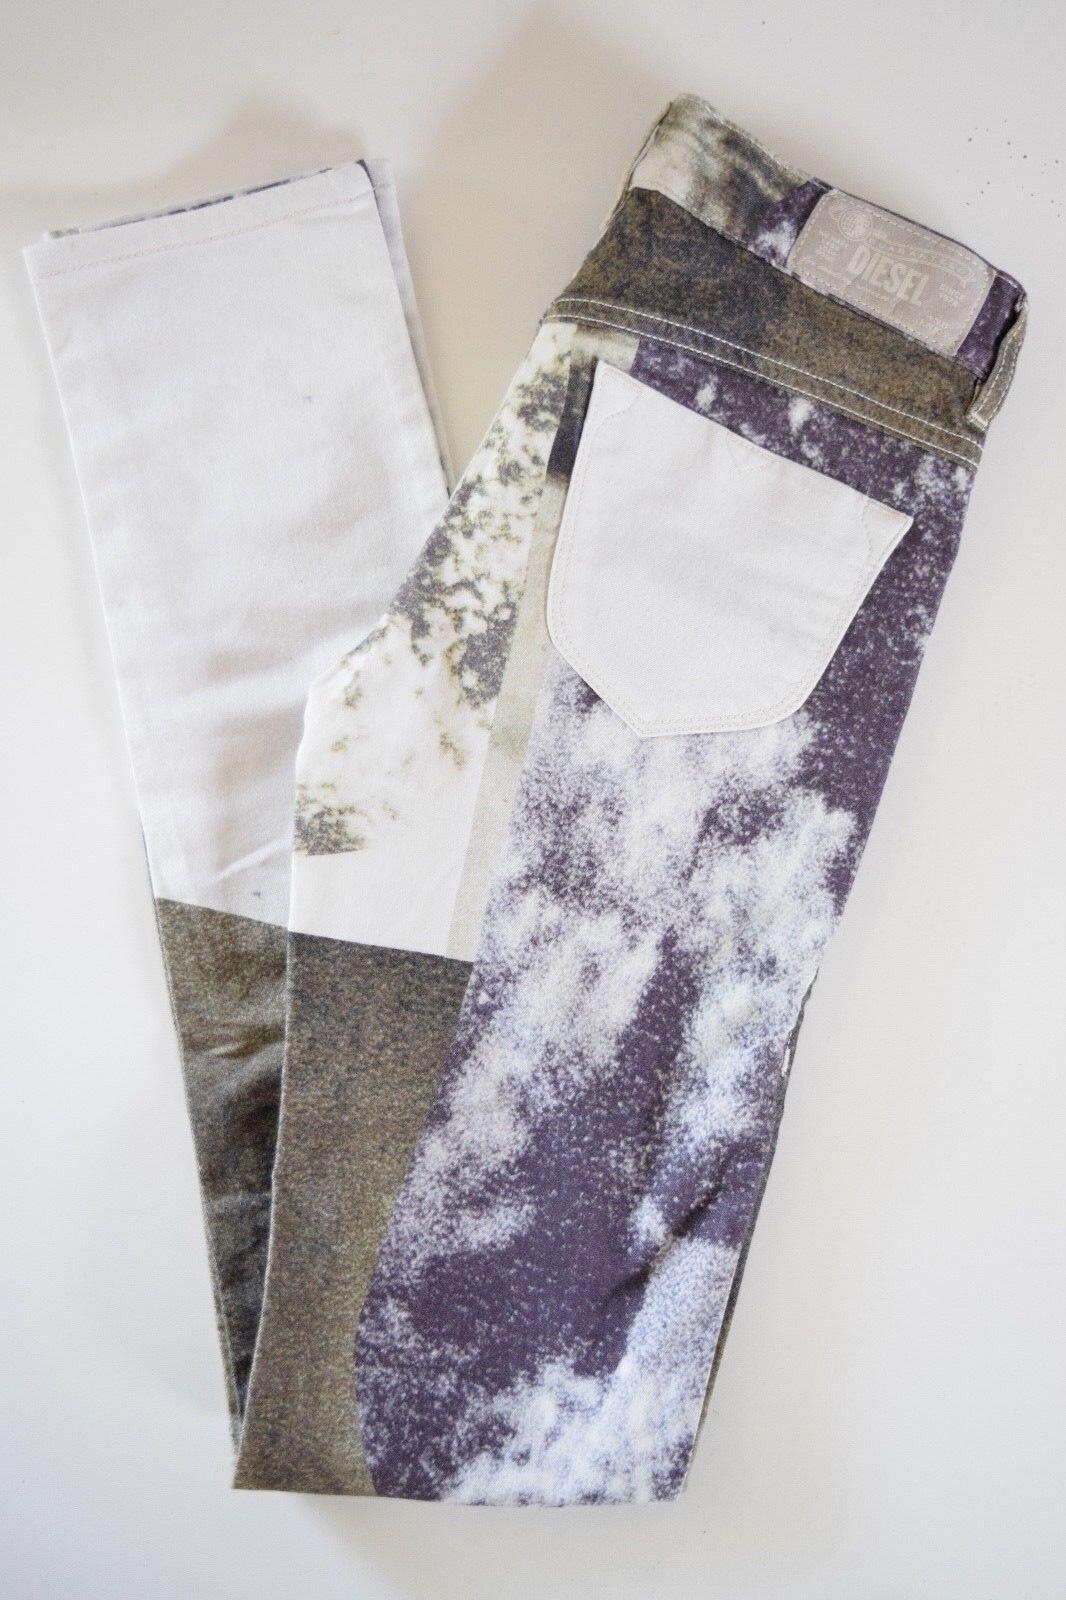 DIESEL LIVIER super slim jegging  Jeans Woman SZ 25 in 003N3 PRINT MULTICOLOR